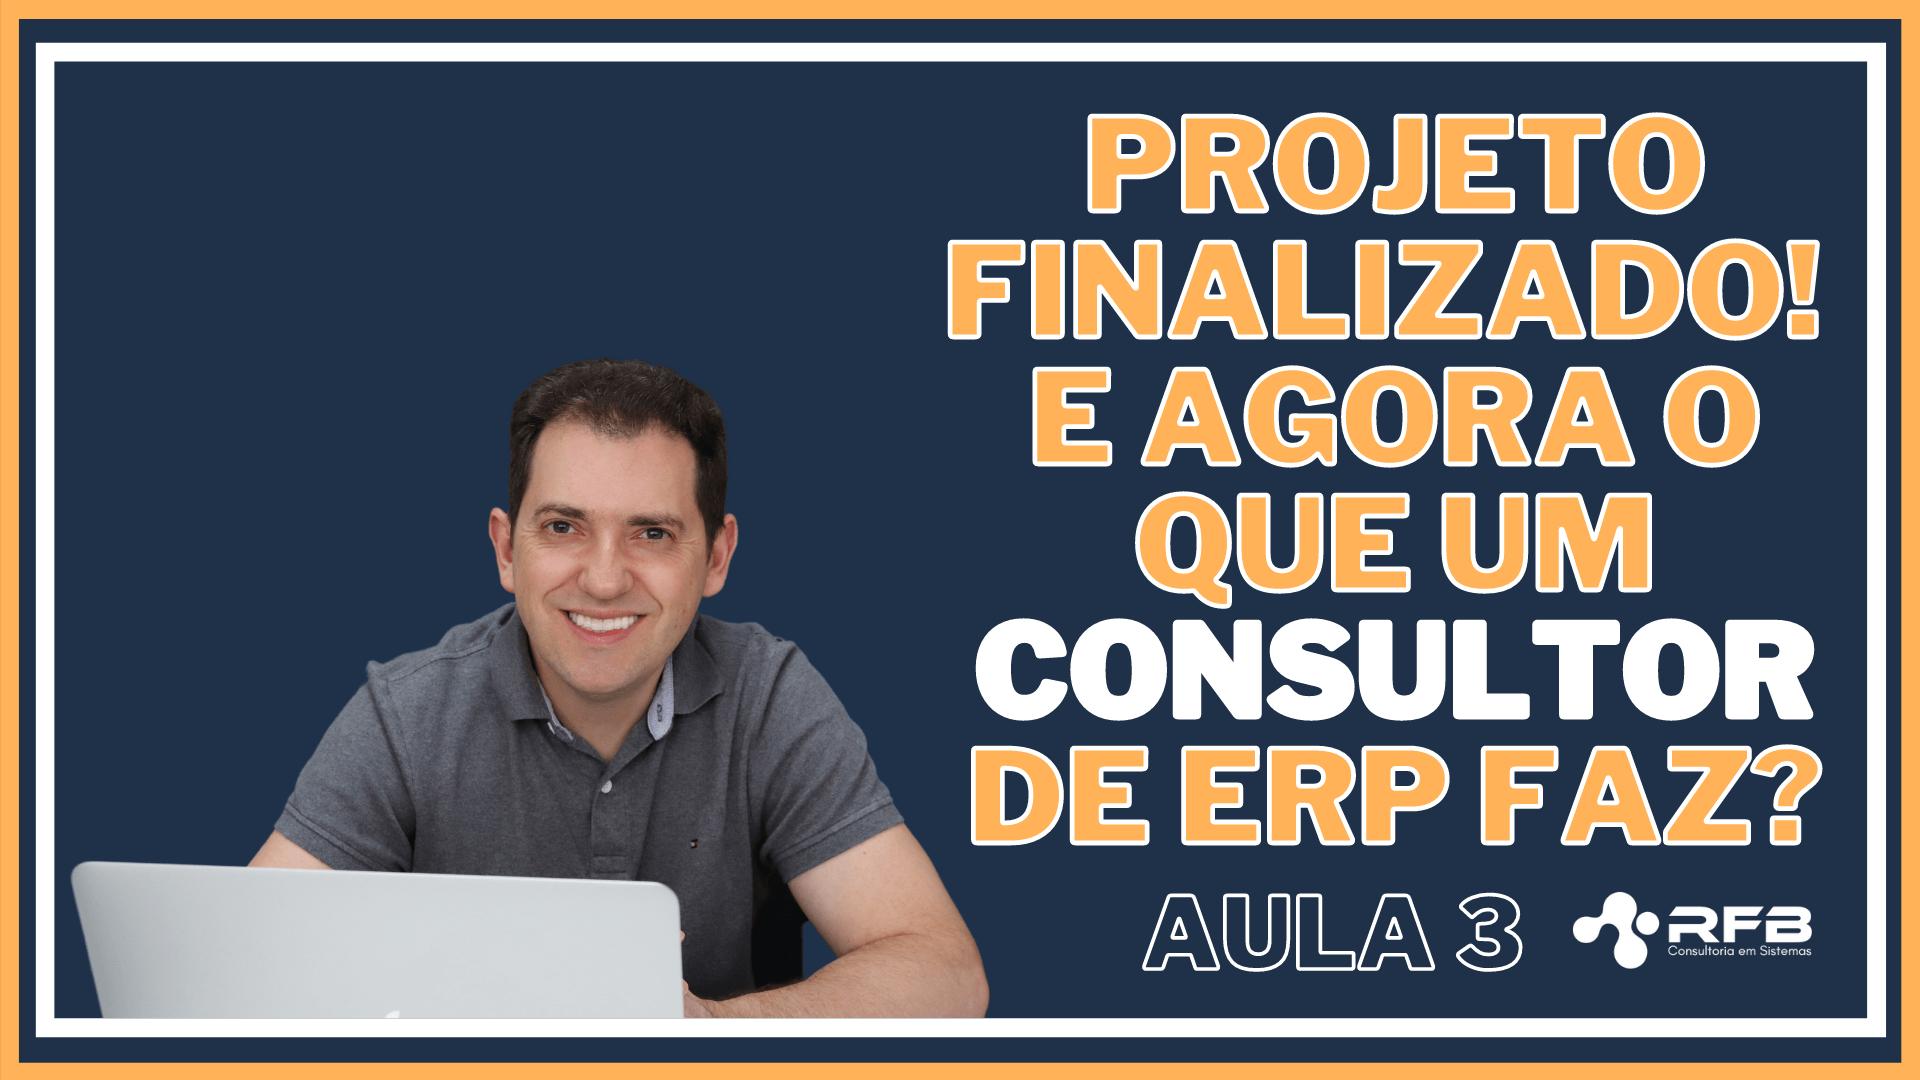 Projeto finalizado! E agora o que um consultor de ERP faz?